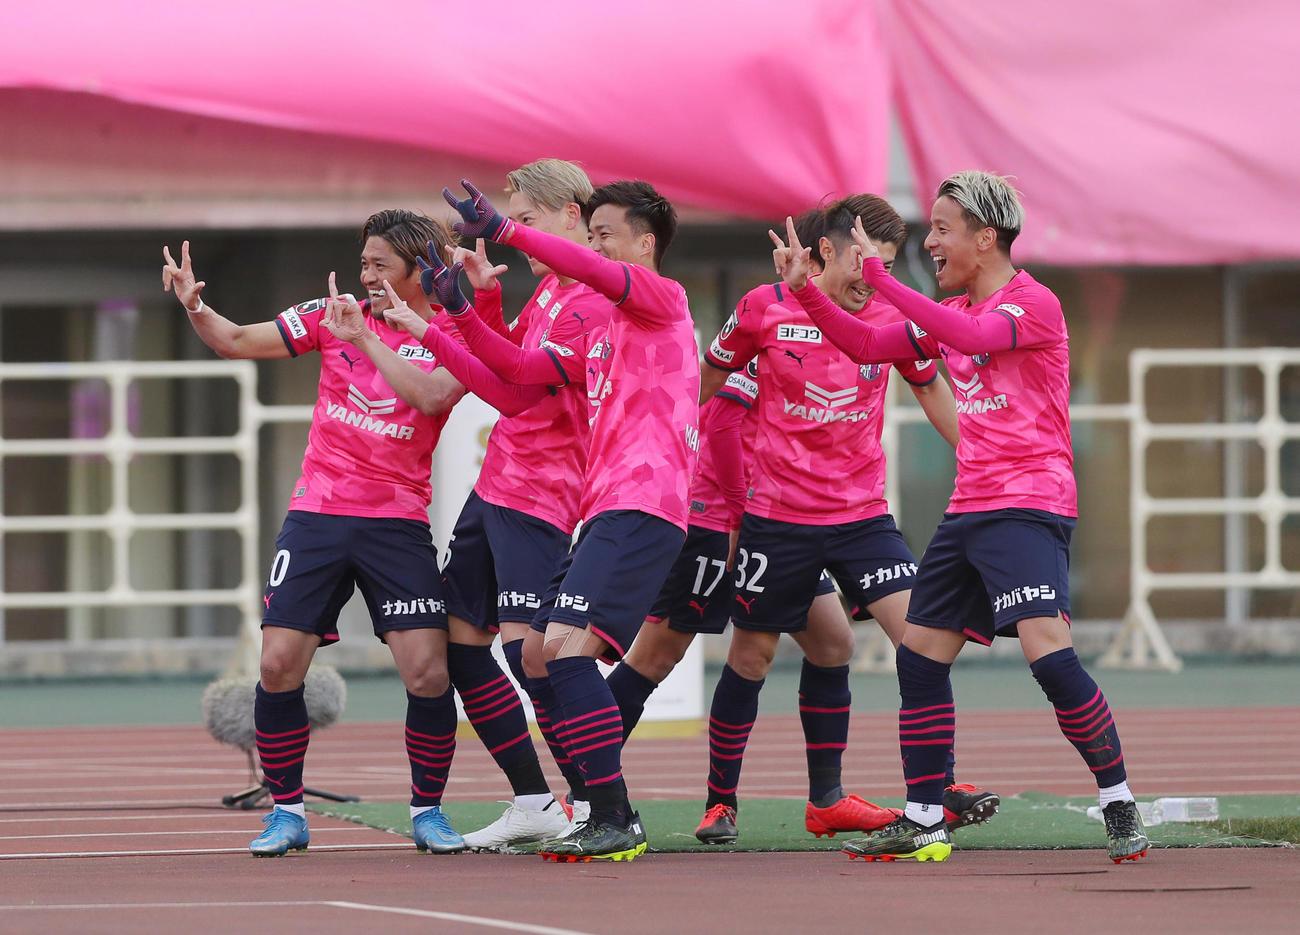 C大阪対柏 前半、先制ゴールを決めたC大阪FW大久保(左端)は祝福するイレブンとポーズを決めて喜ぶ(撮影・前田充)